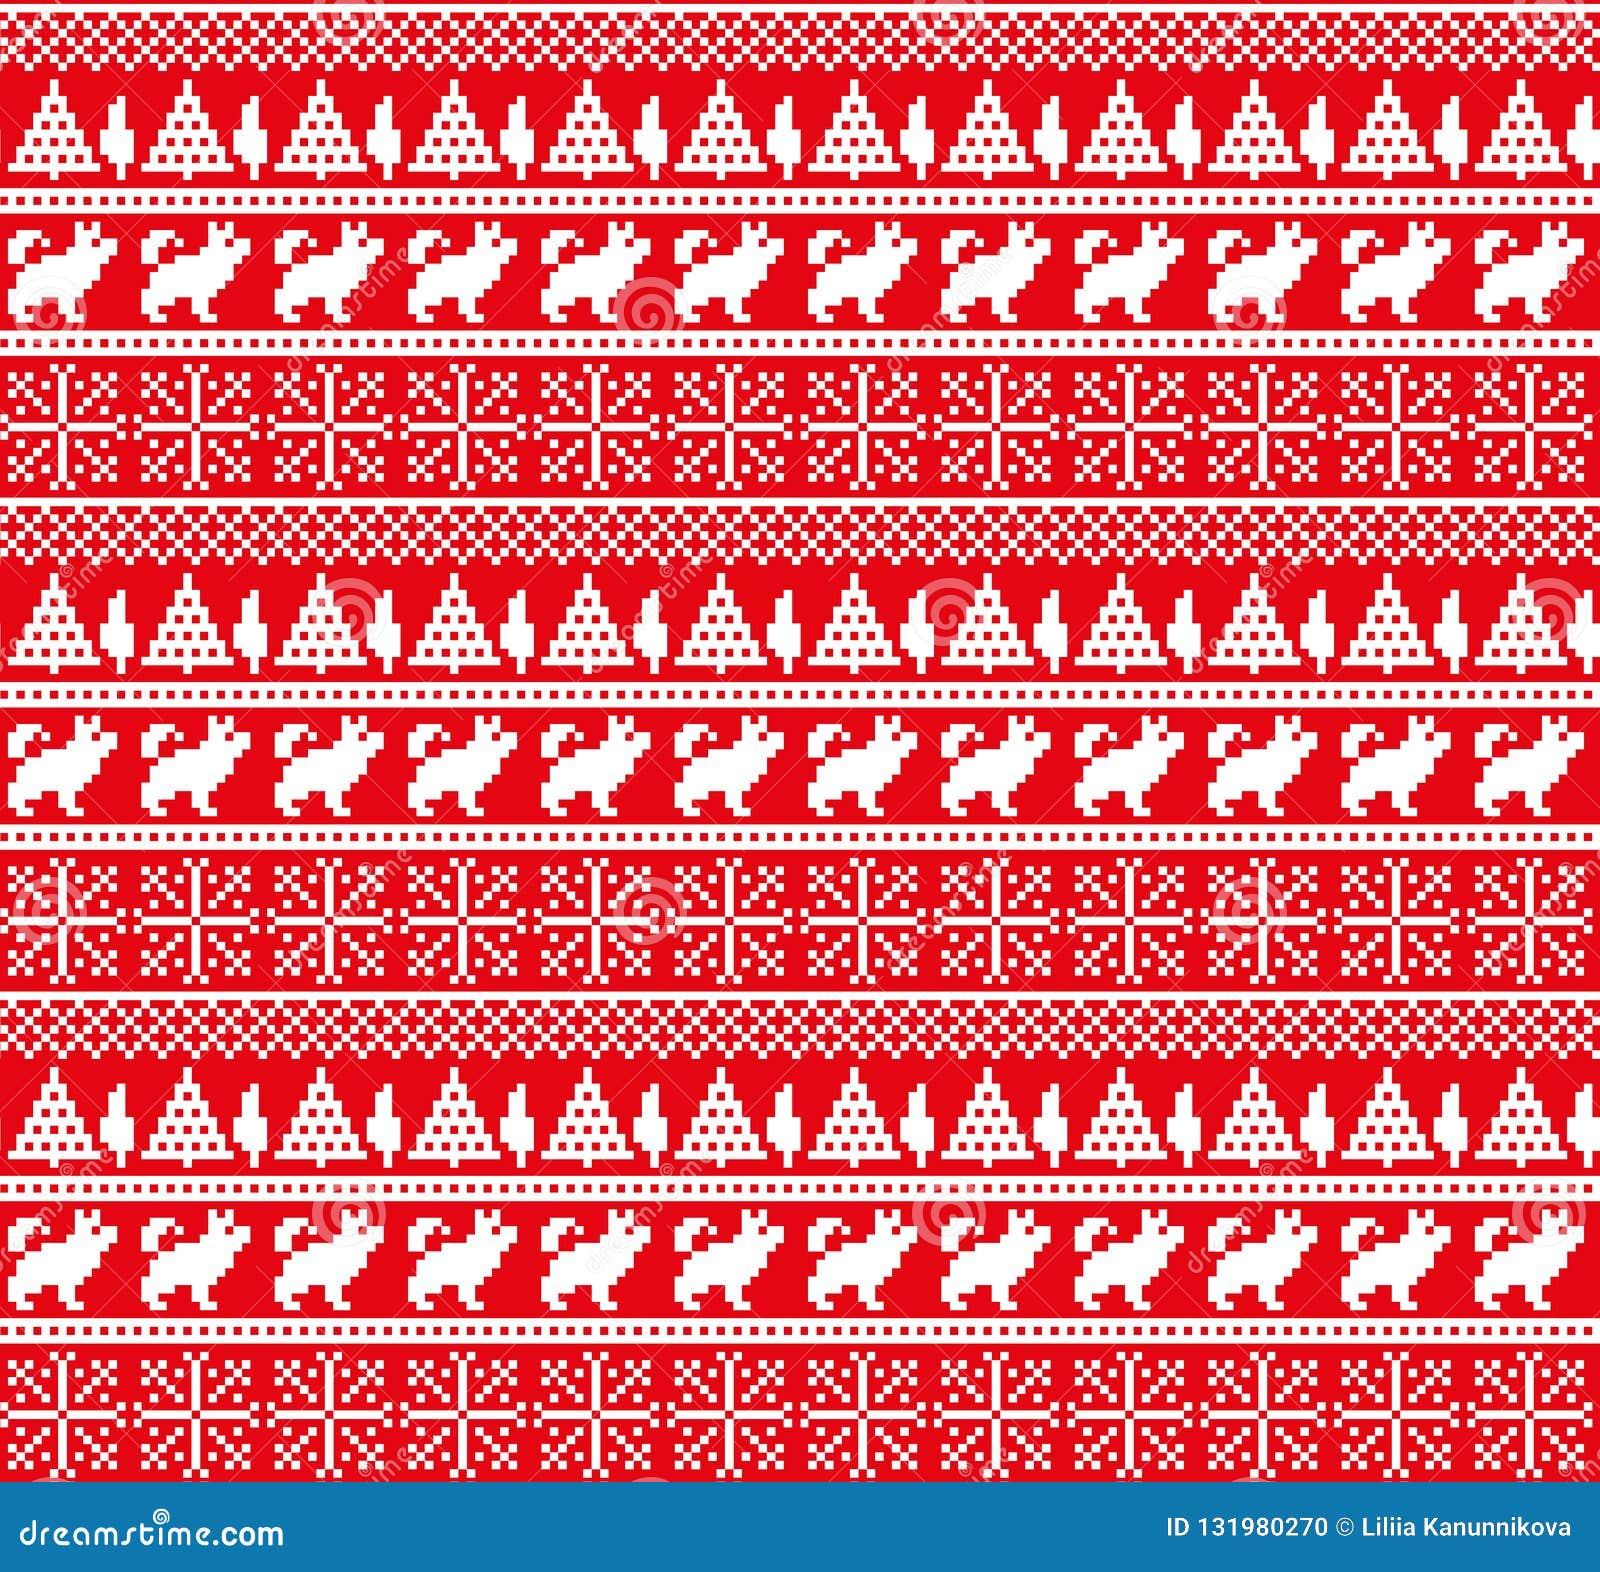 Nytt års för jul modell för PIXEL för vinter sömlös festlig norsk - skandinavisk stil